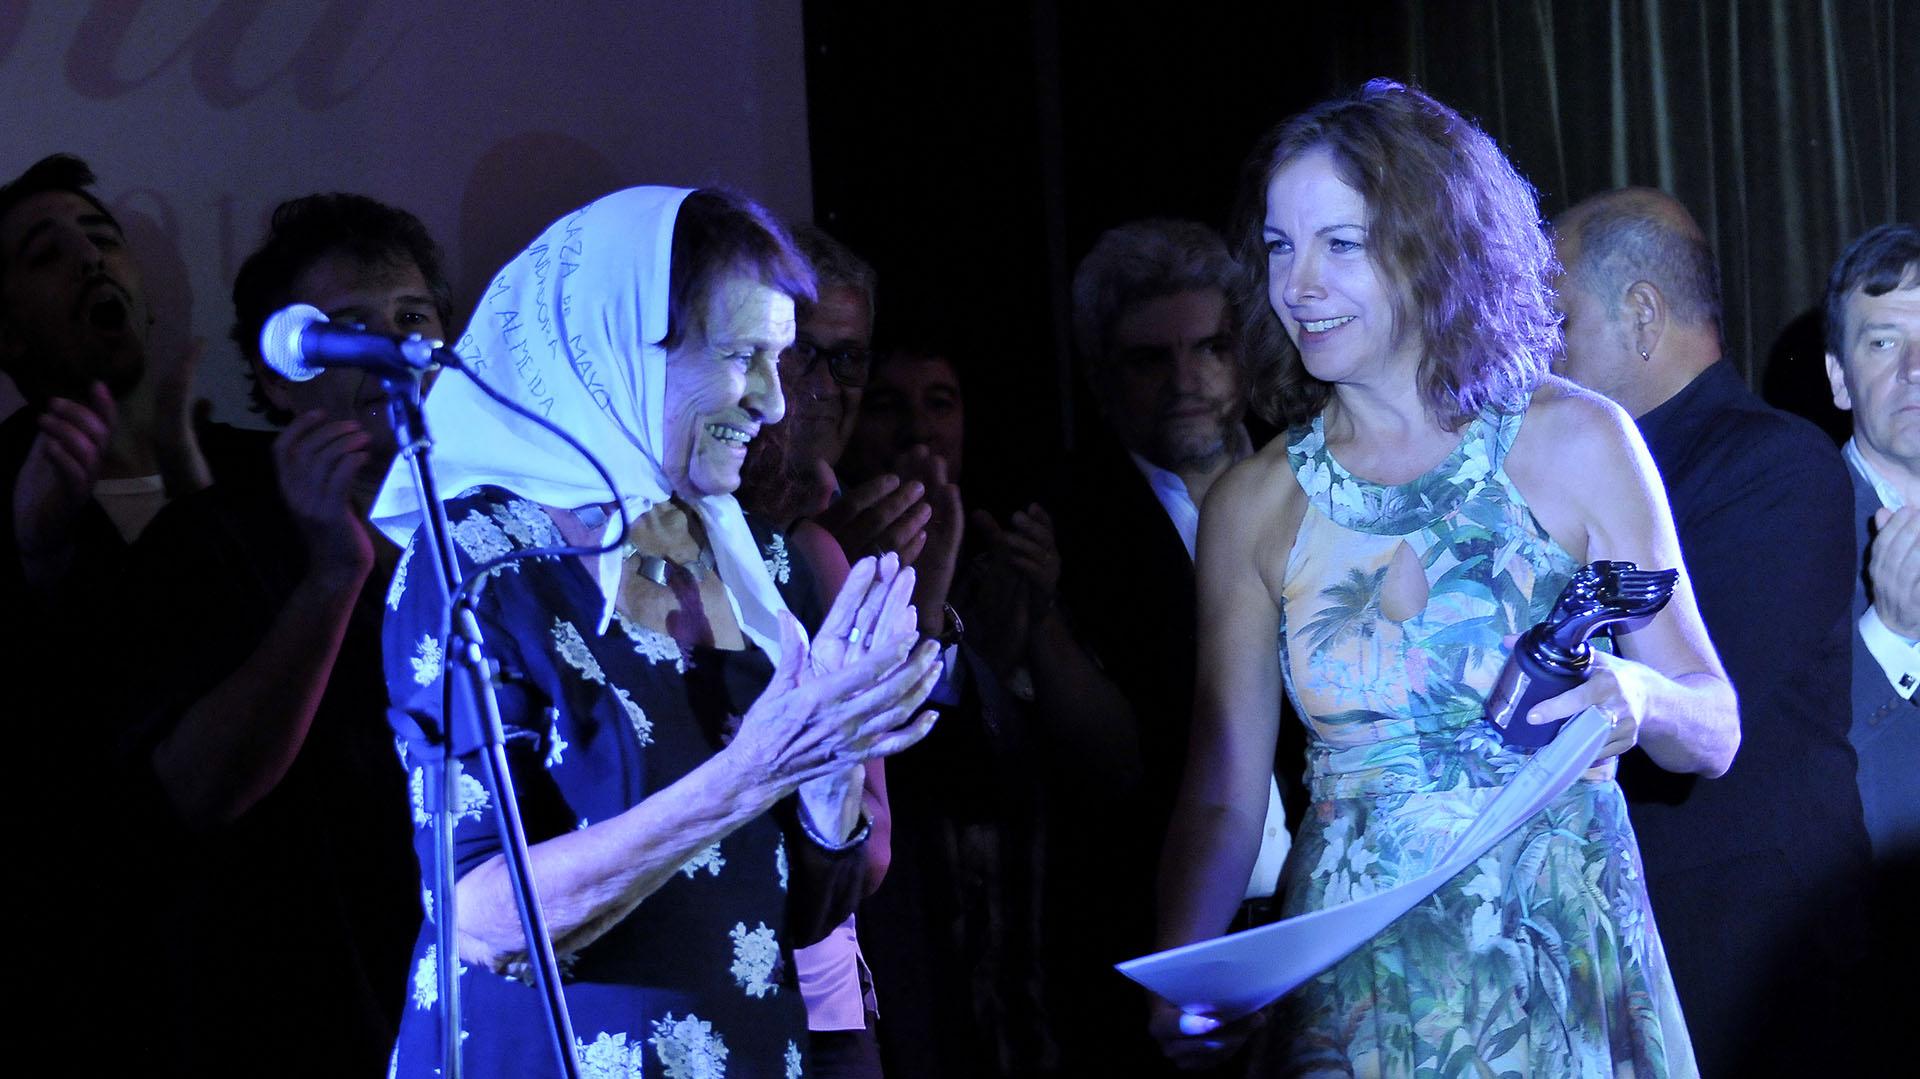 Taty Almeida, presidenta de Abuelas dePlaza de Mayo,recibiendo su reconocimiento de manos de Alejandra Darín, titular de Asociación Argentina de Actores